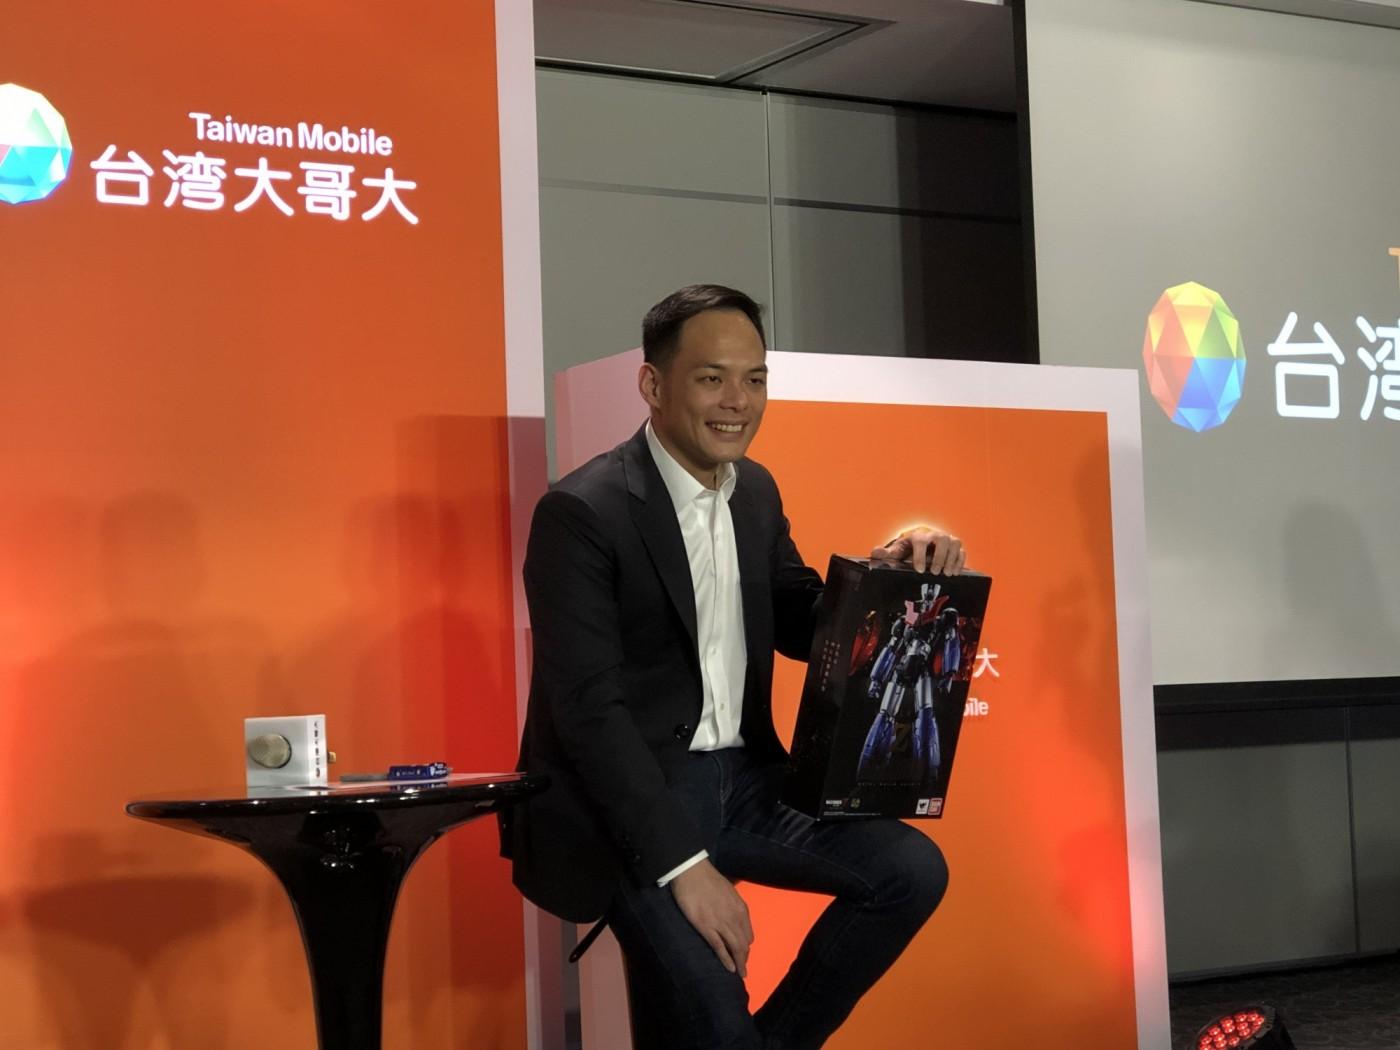 台灣大新總座林之晨拋「超5G策略」,打破電信業零和競爭